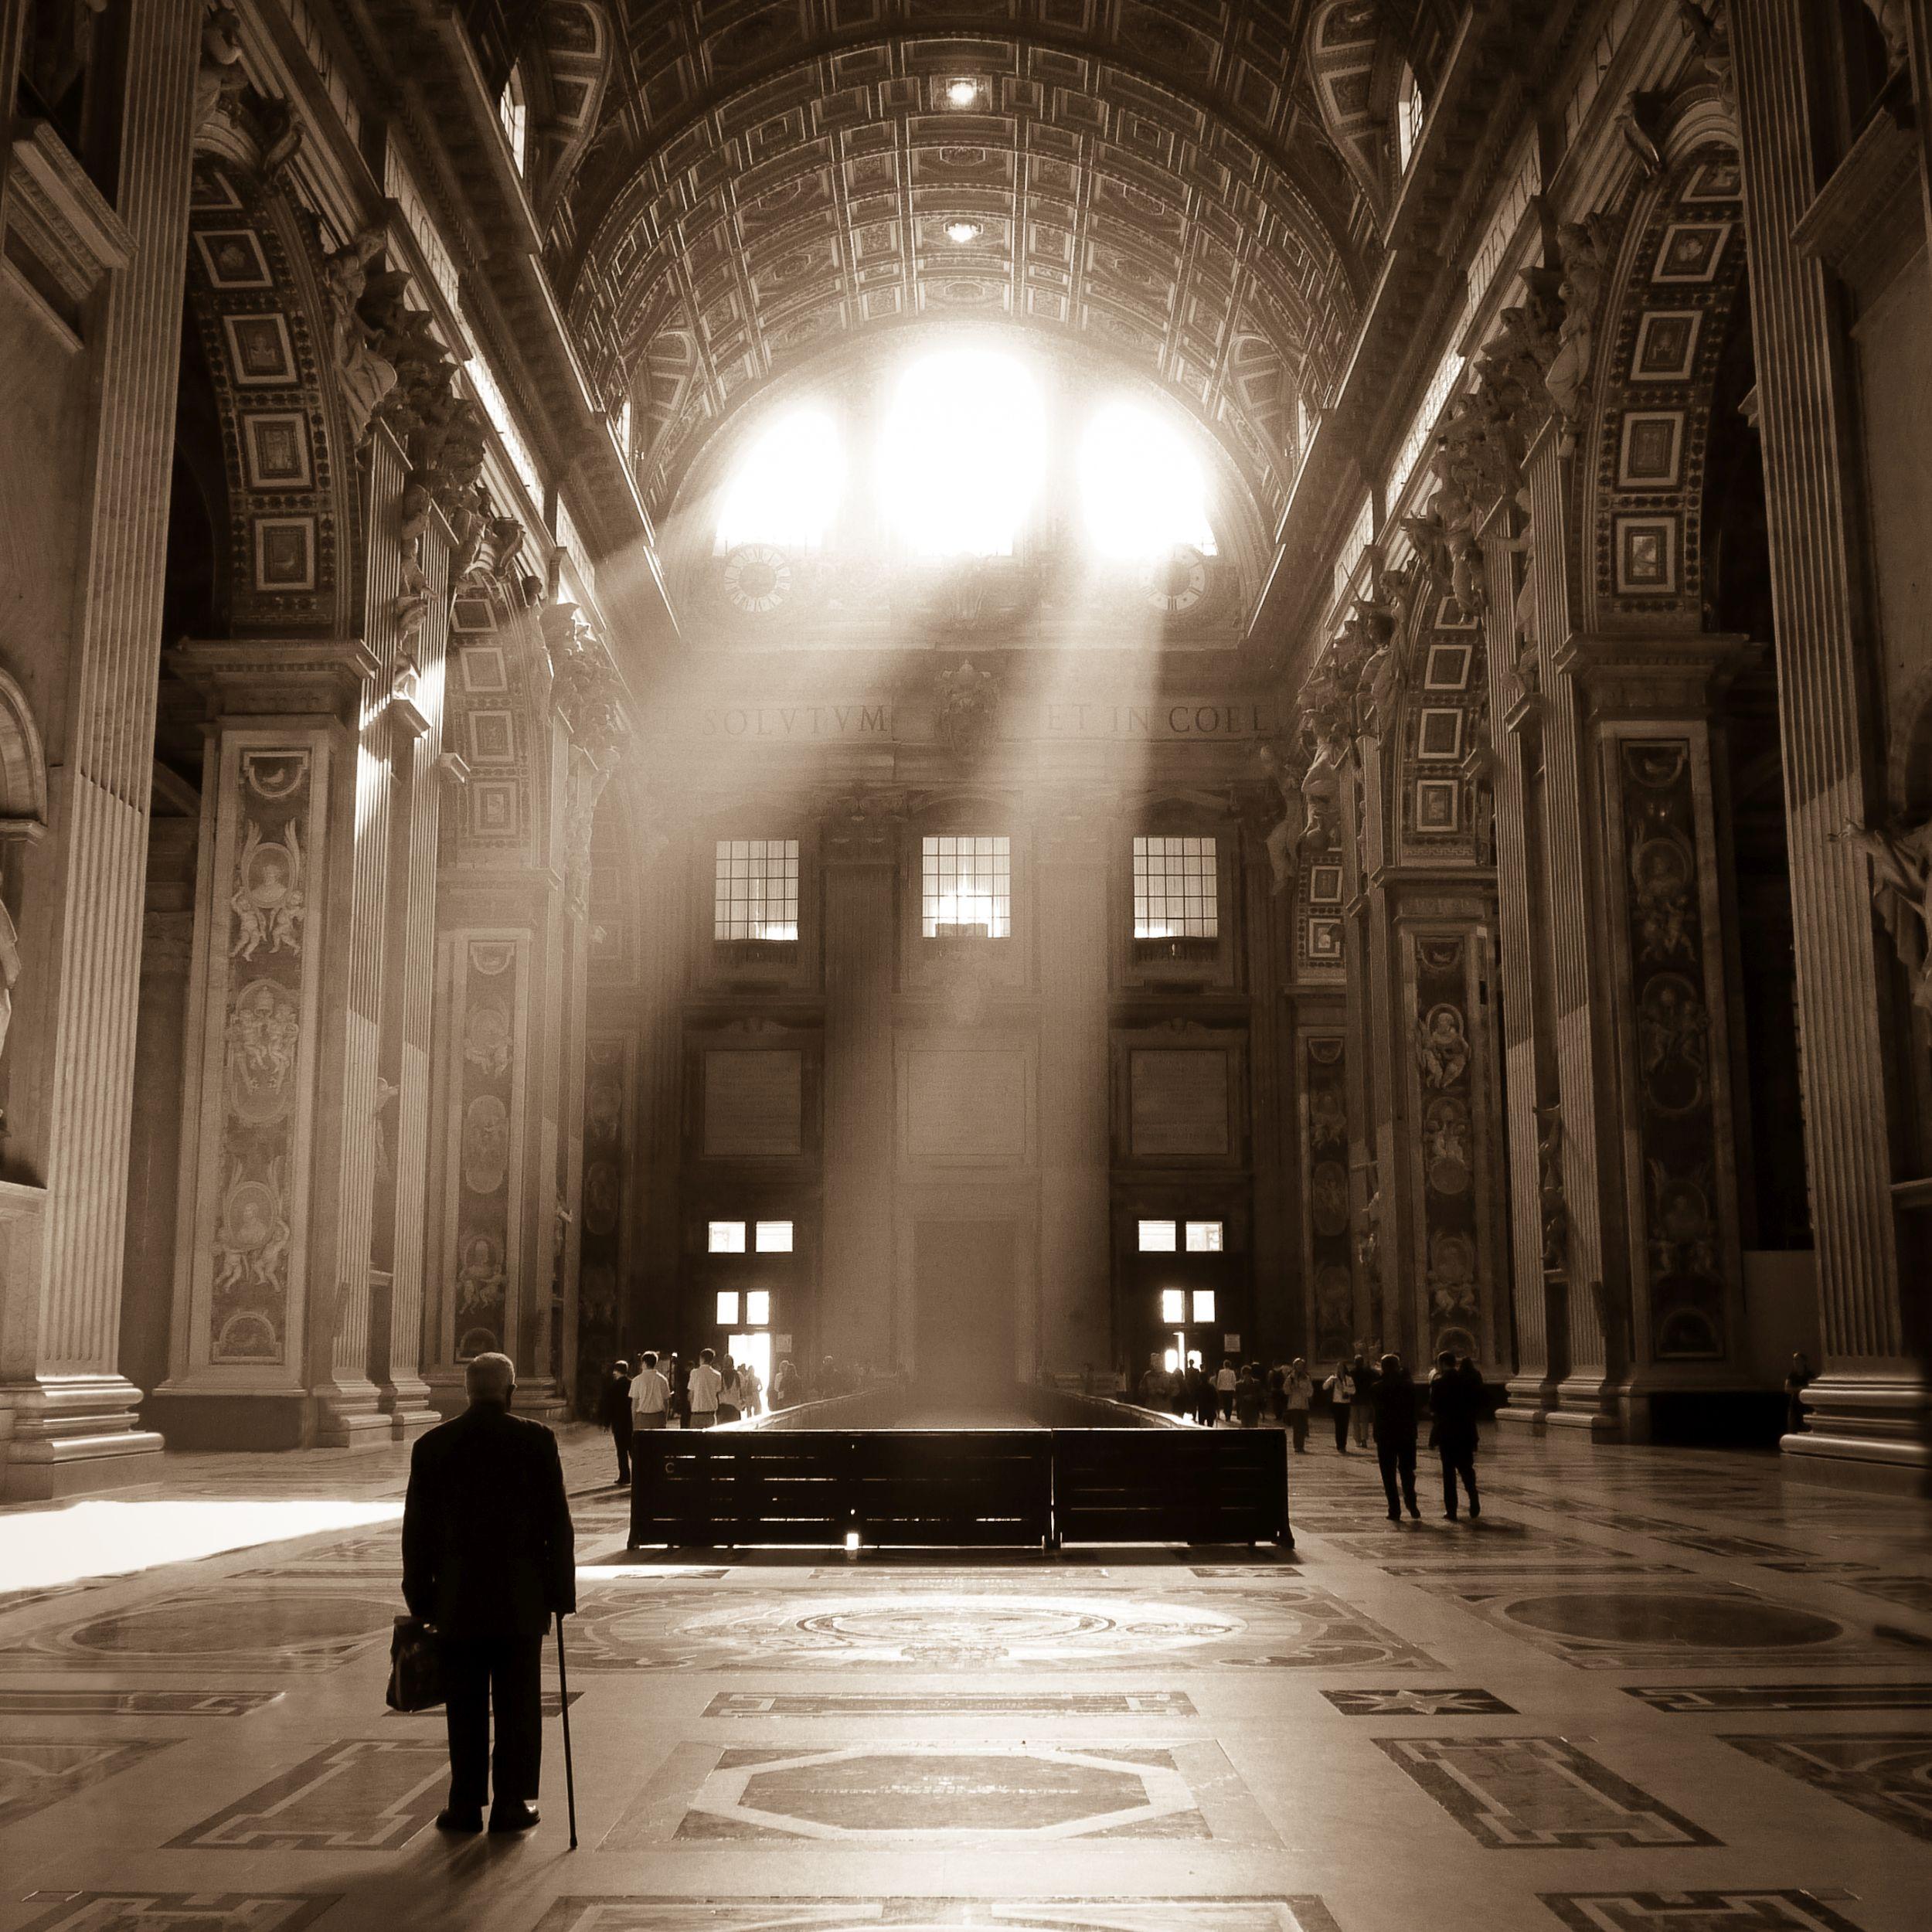 Wnętrze bazyliki św. Piotra (fot. xlynx / bit.ly/1JgpJMM / CC BY / bit.ly/1hYHpKw)